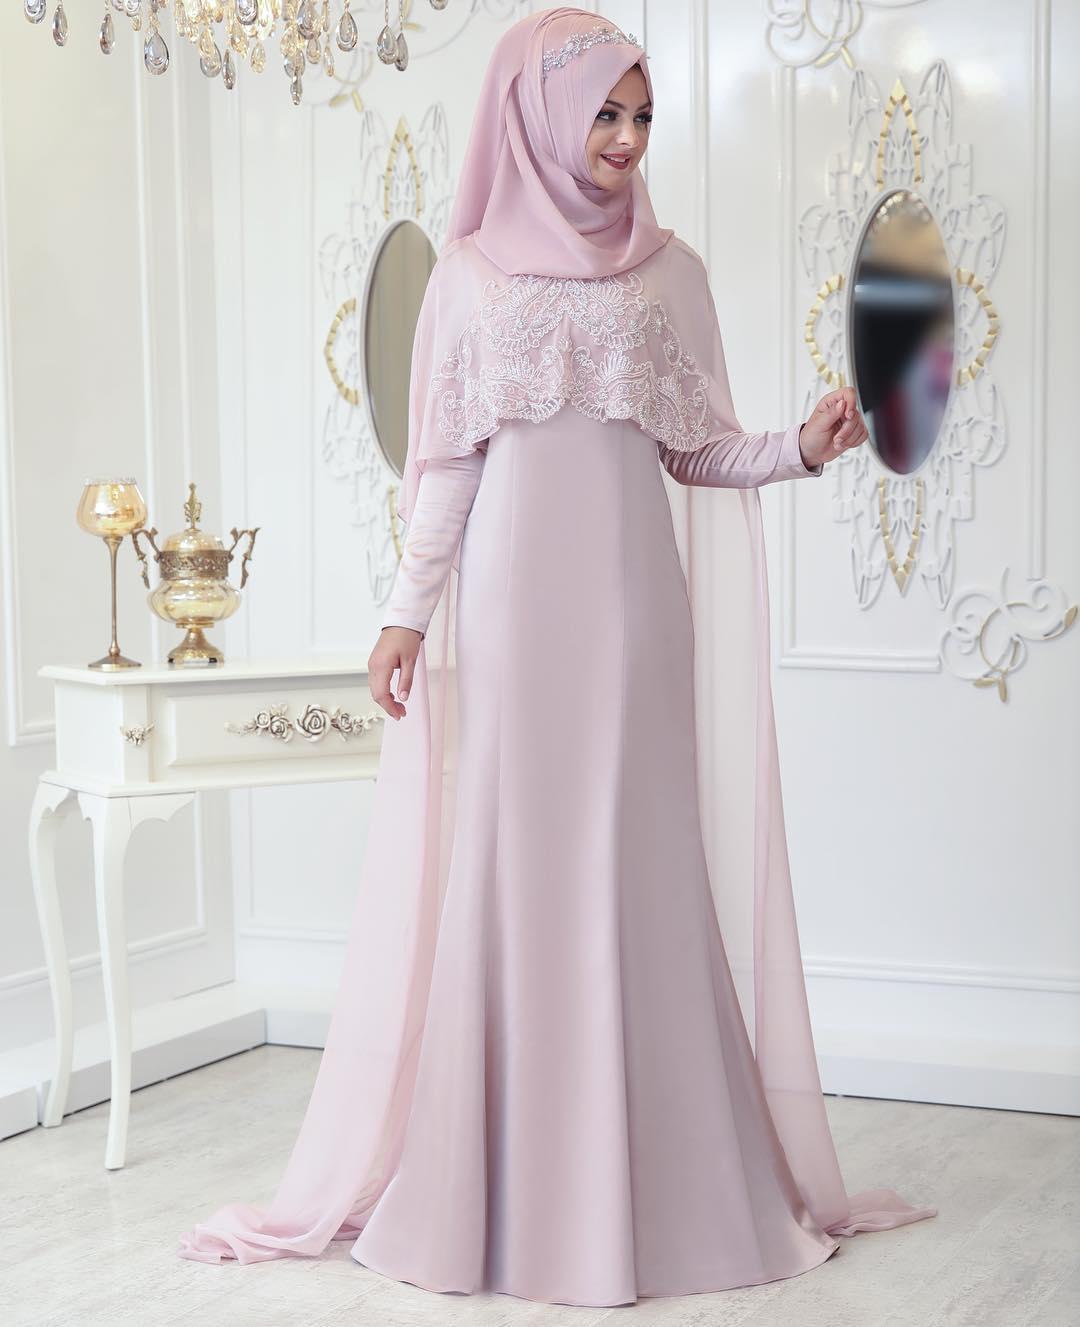 2018 Tesettur Pelerinli Abiye Elbise Modelleri 4 - En Şık Pınar Şems Tesettür Abiye Elbise Modelleri